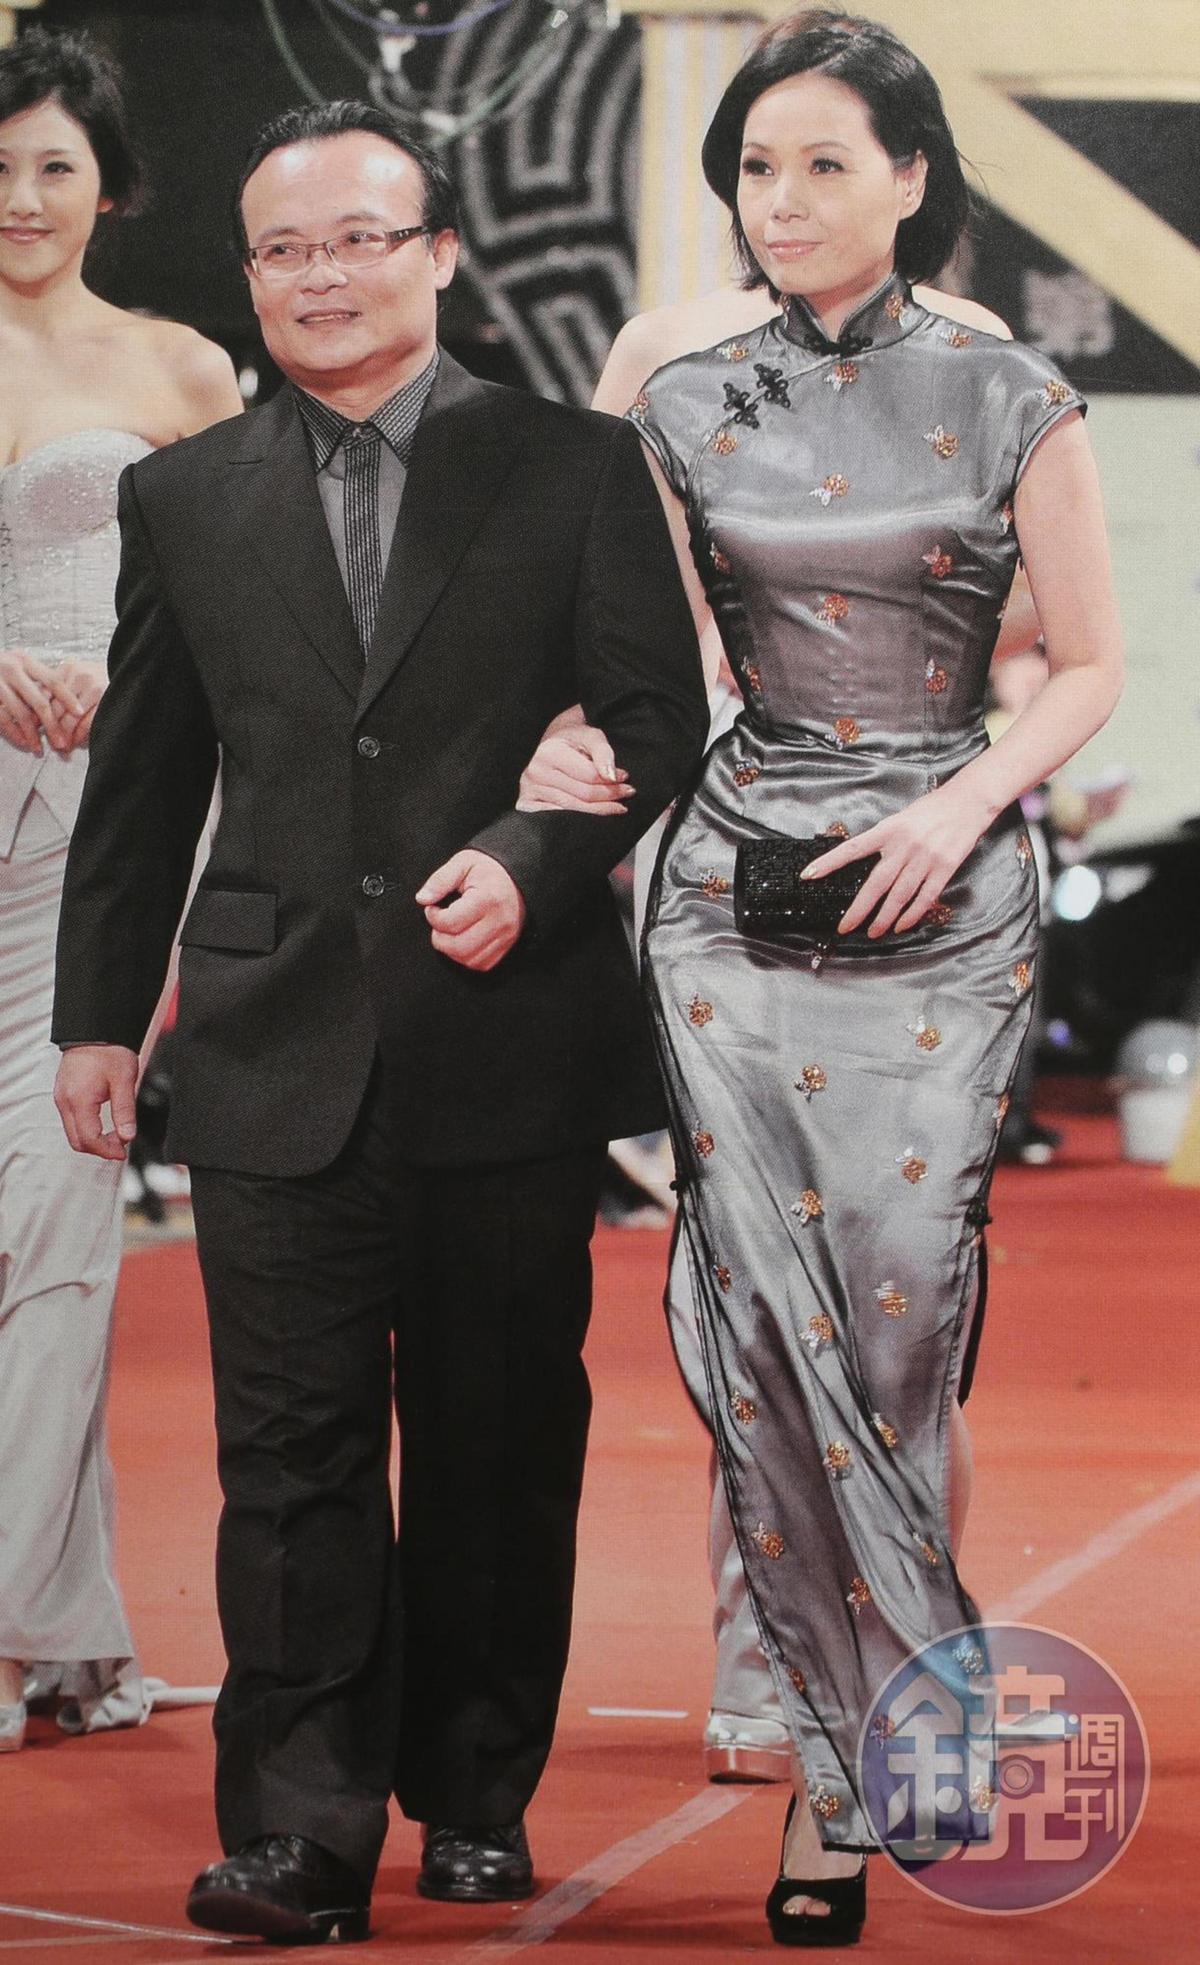 莊碧玉(右)長年維持23腰的好身材,圖為2008年夫妻受邀走金馬獎紅毯。(蘿琳亞提供)